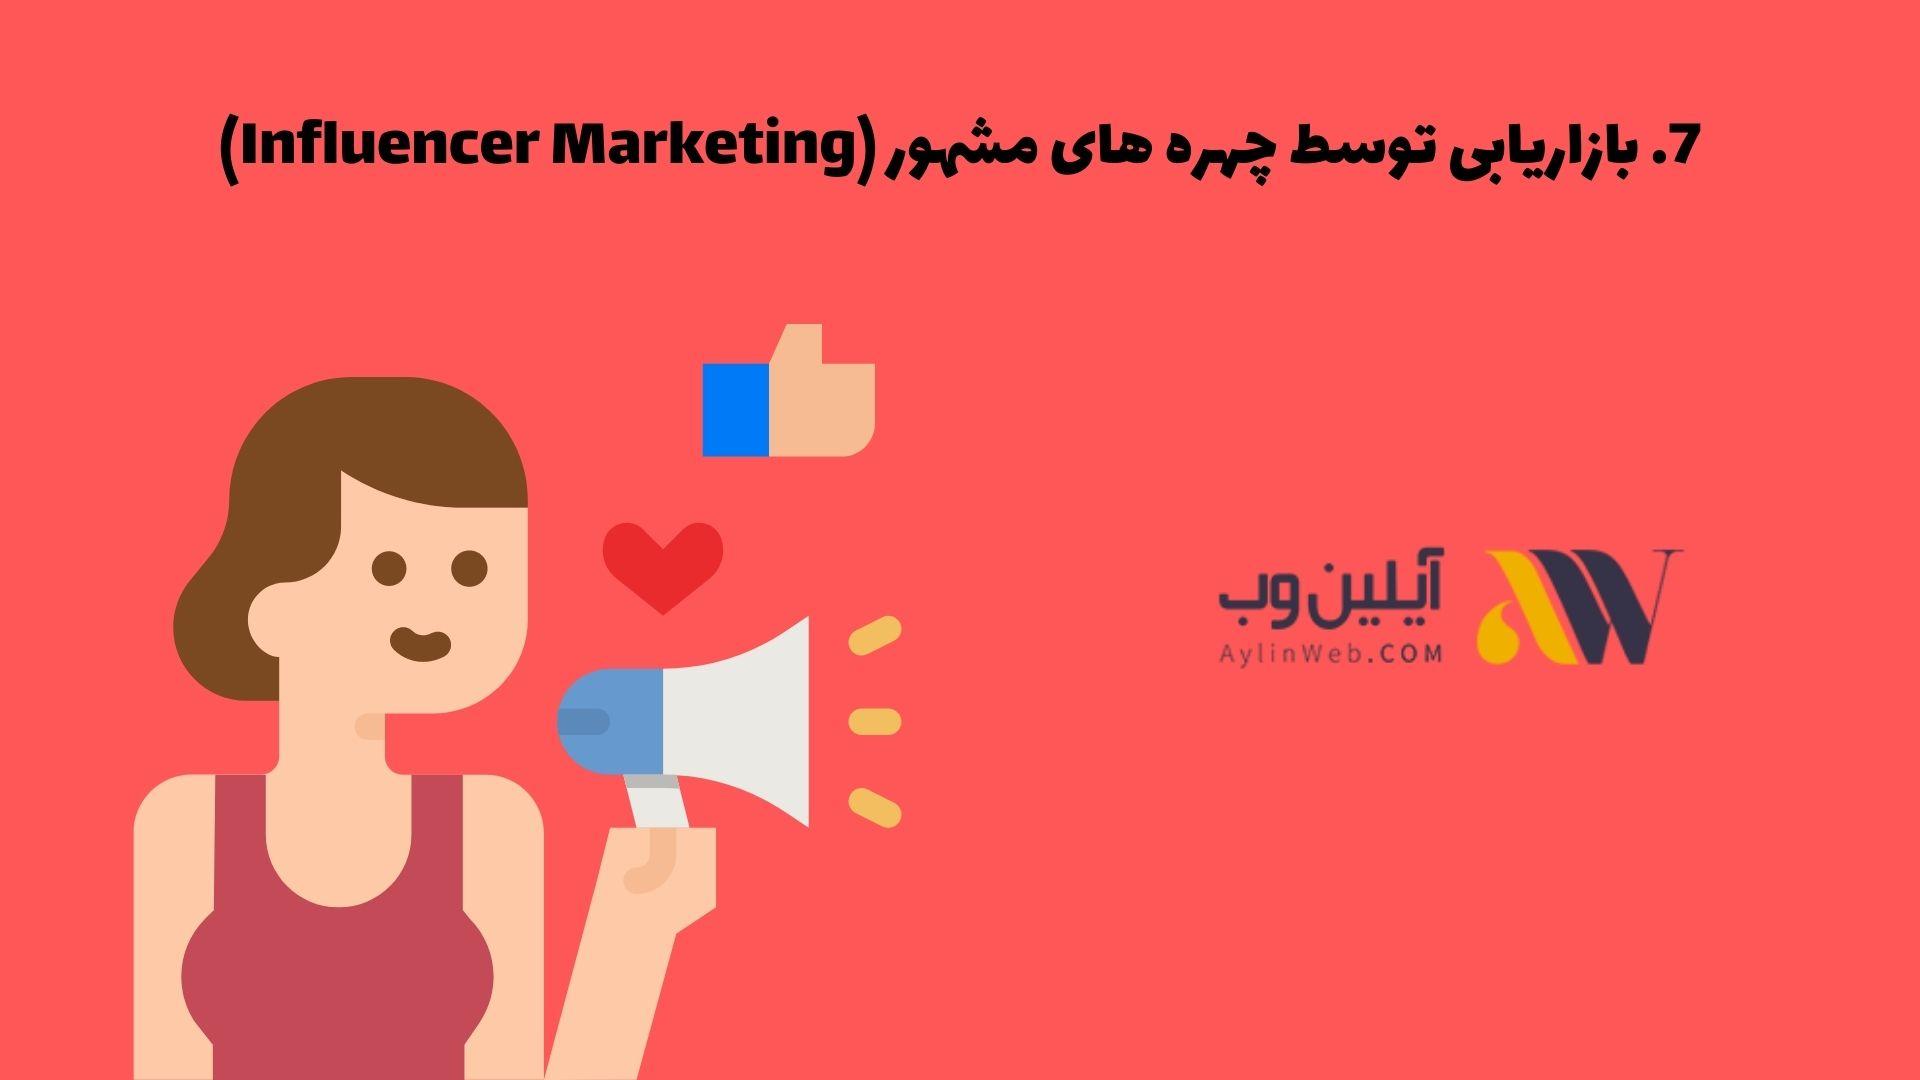 بازاریابی توسط چهره های مشهور (Influencer Marketing)